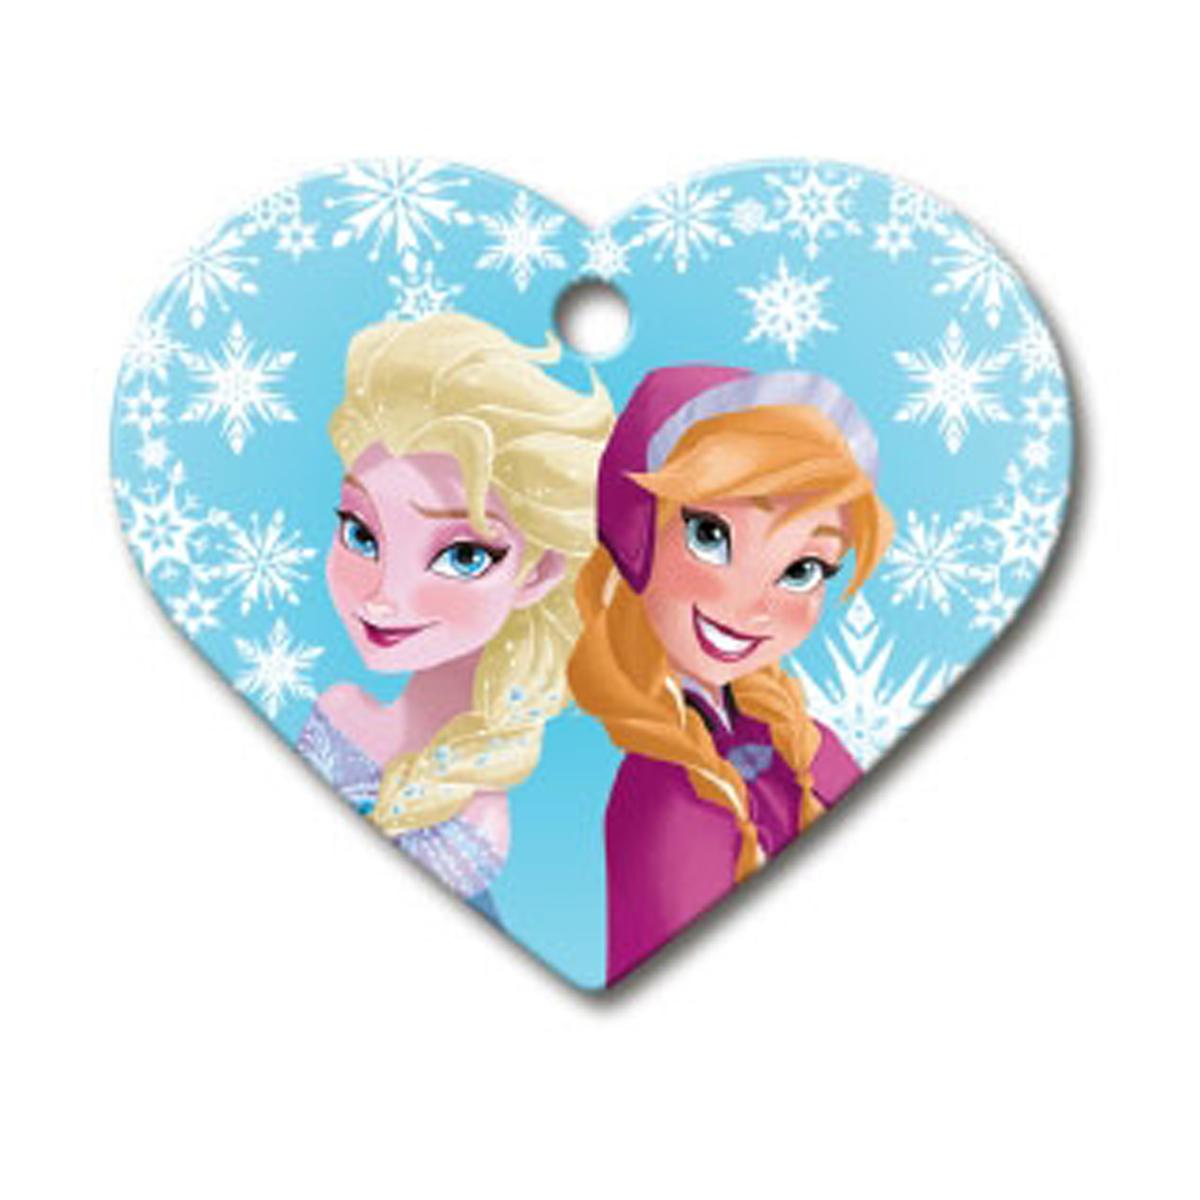 Frozen Heart Large Engravable Pet I.D. Tag